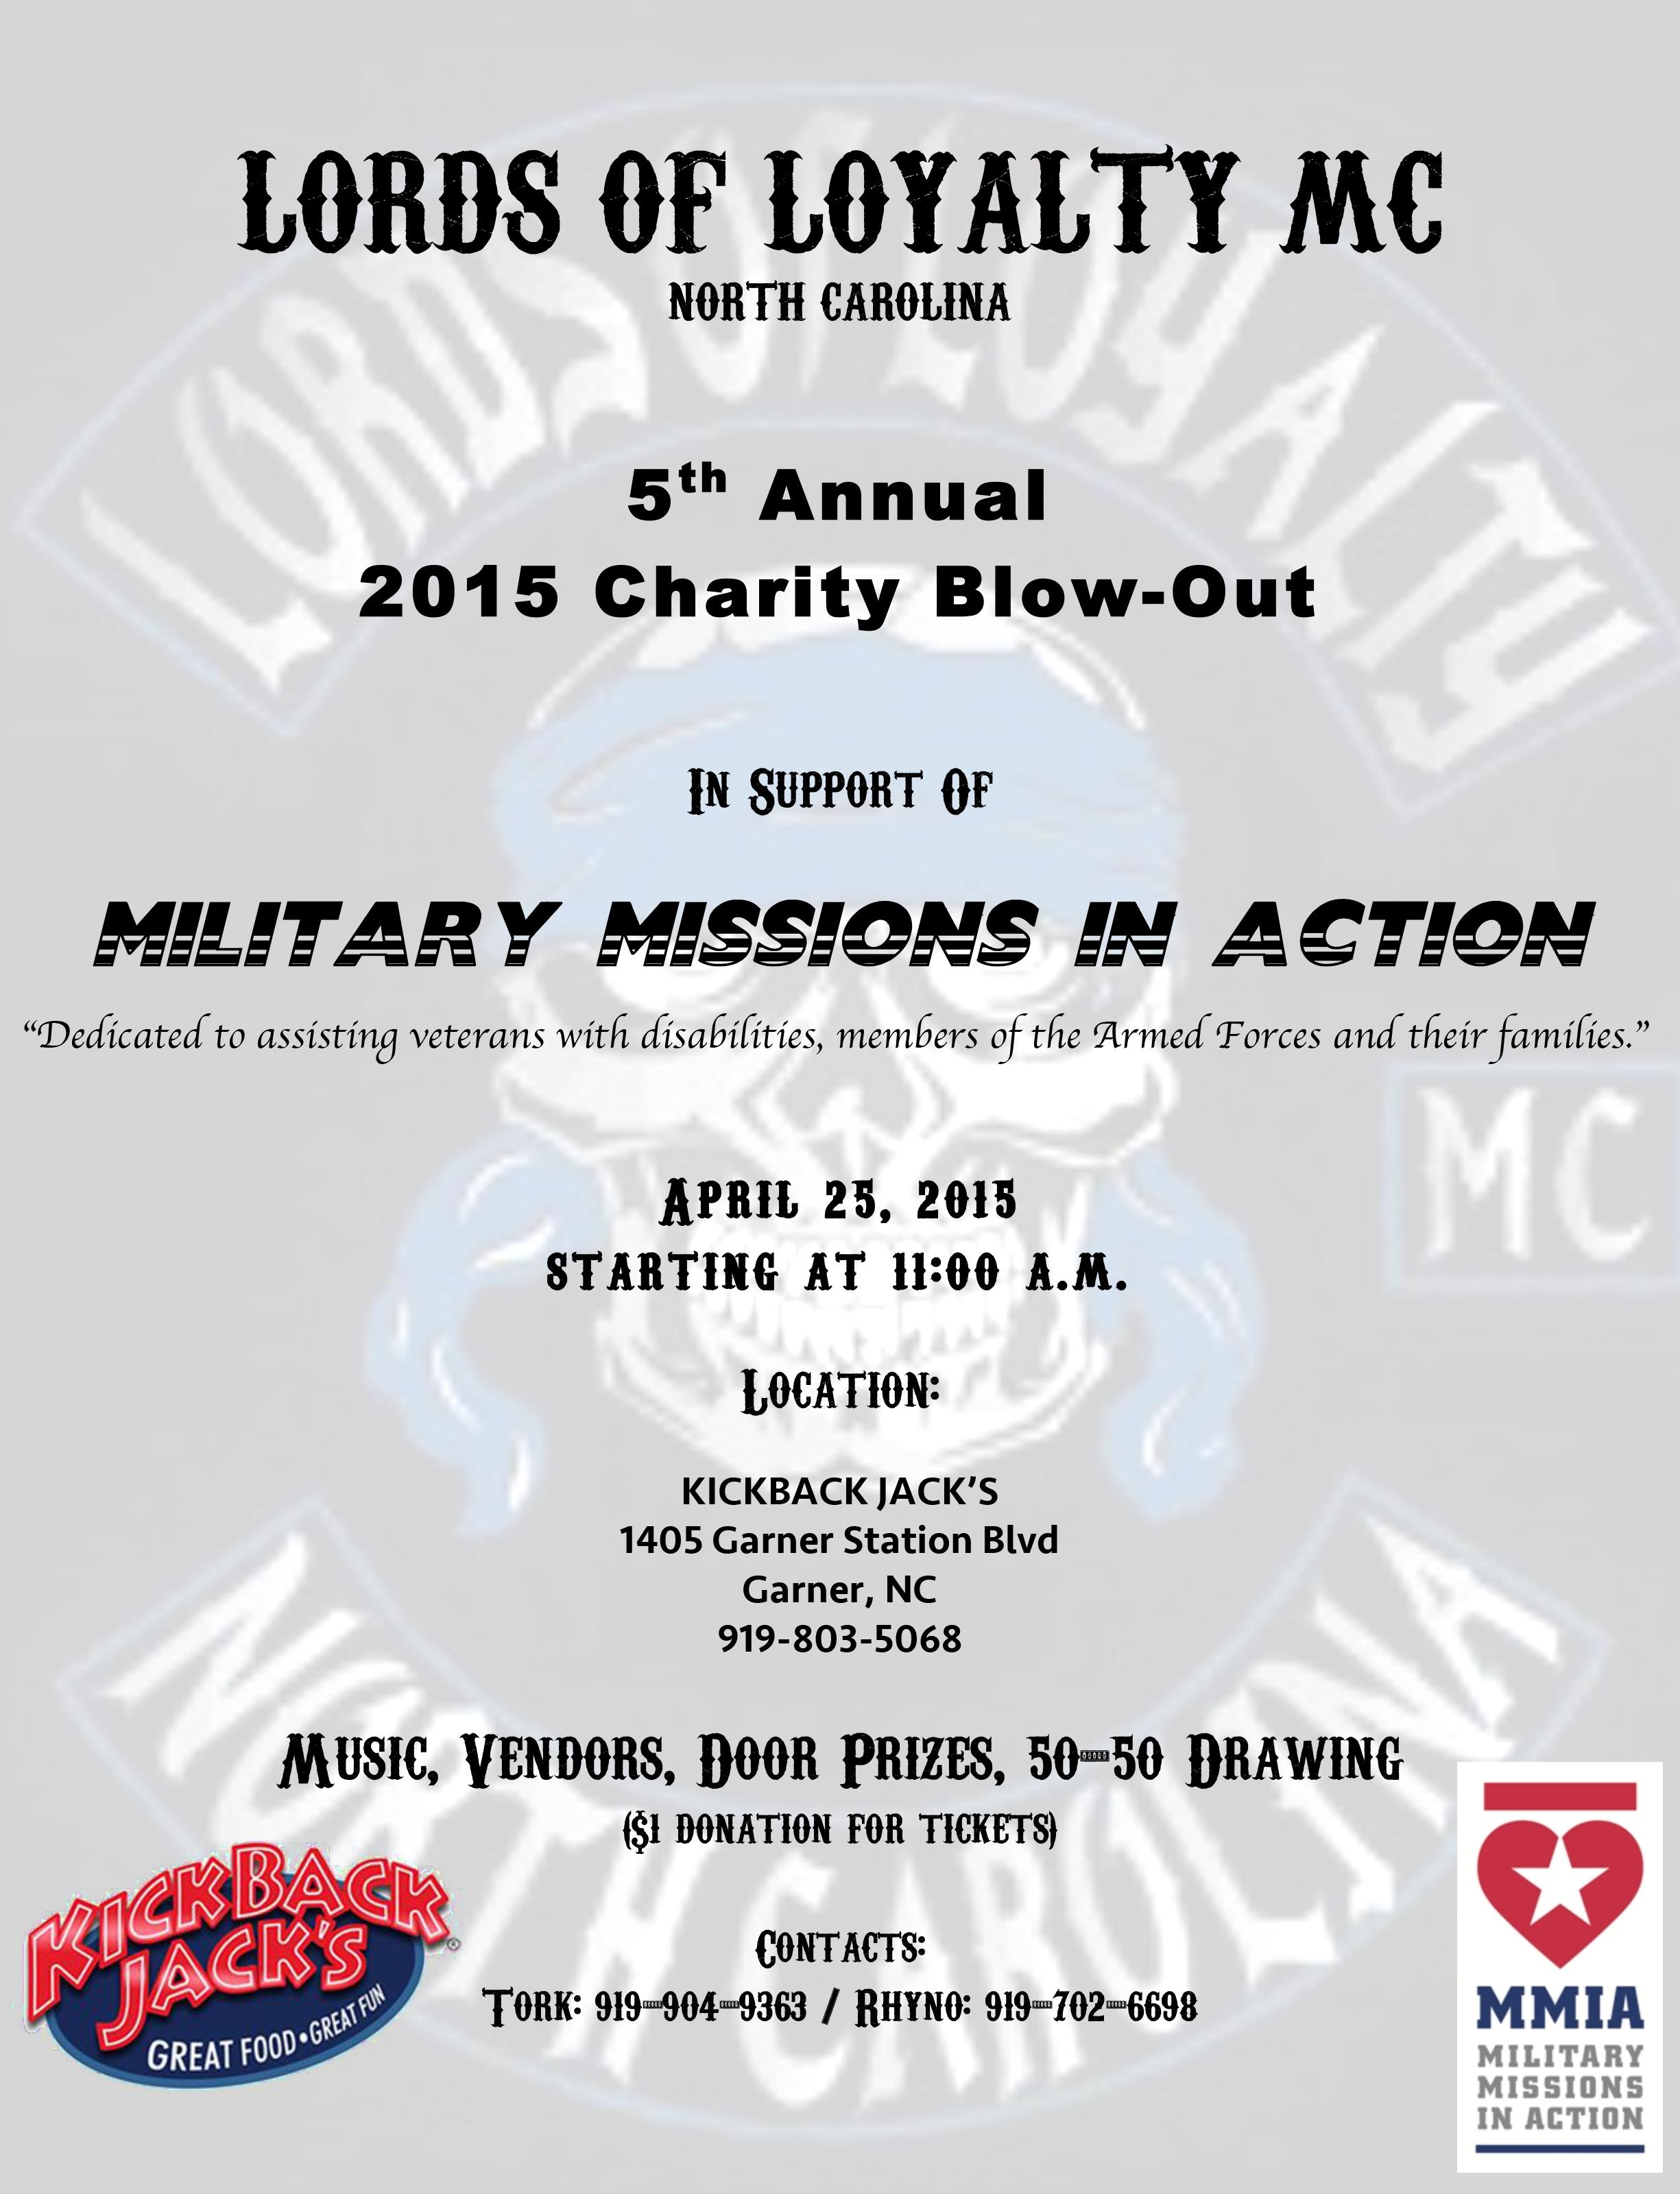 MUGZ/charity2015.jpg